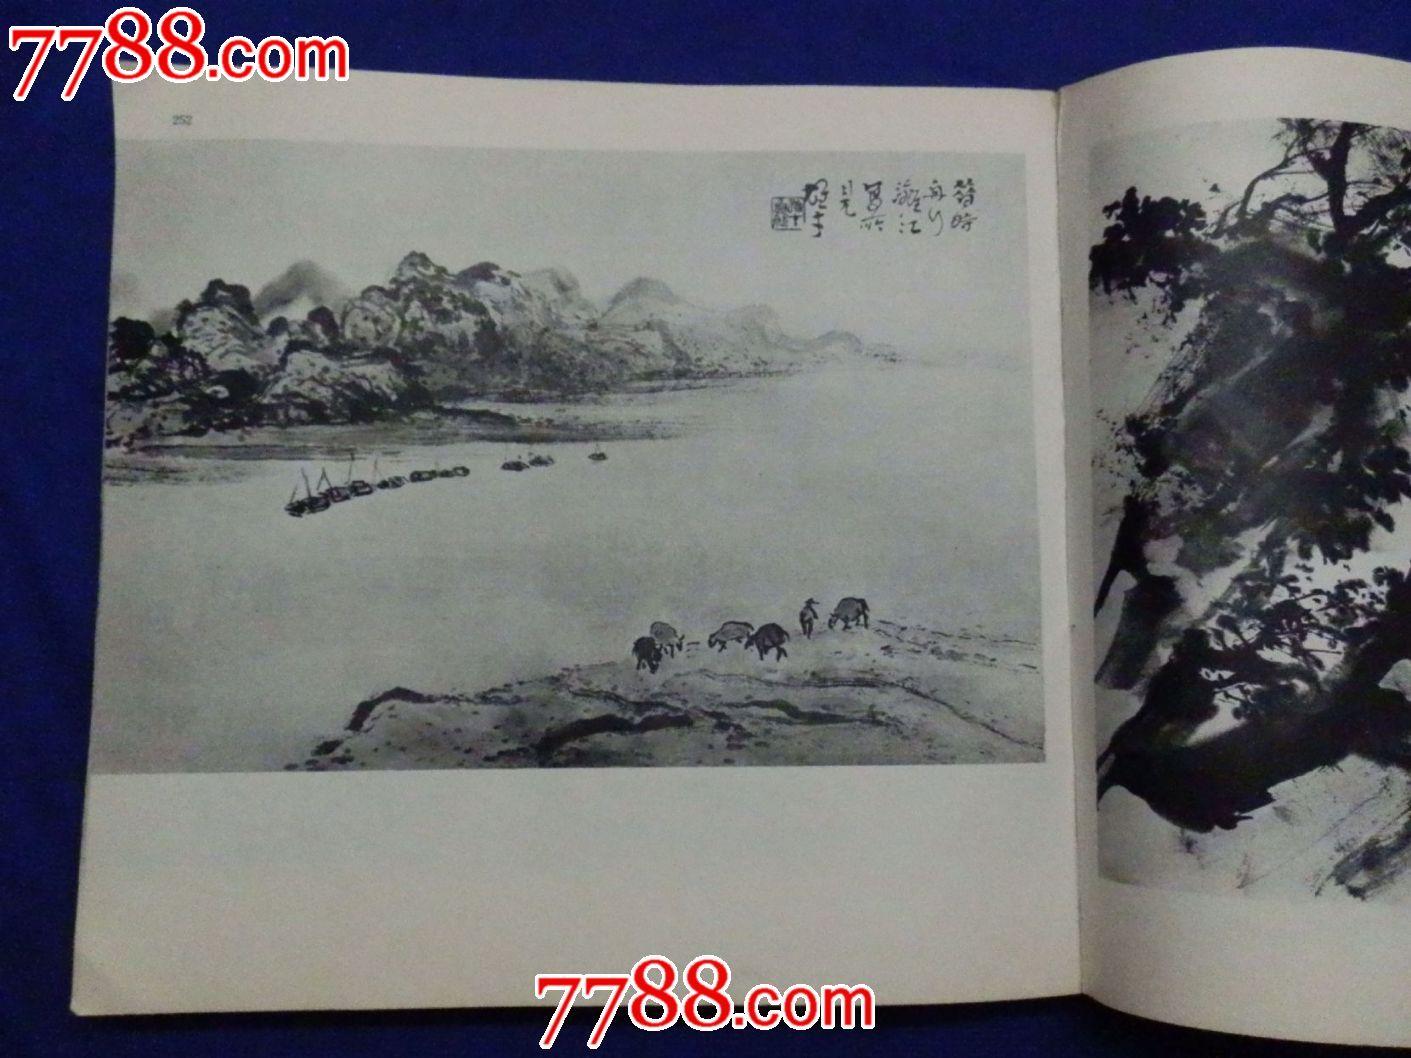 黎雄才山水画谱图片